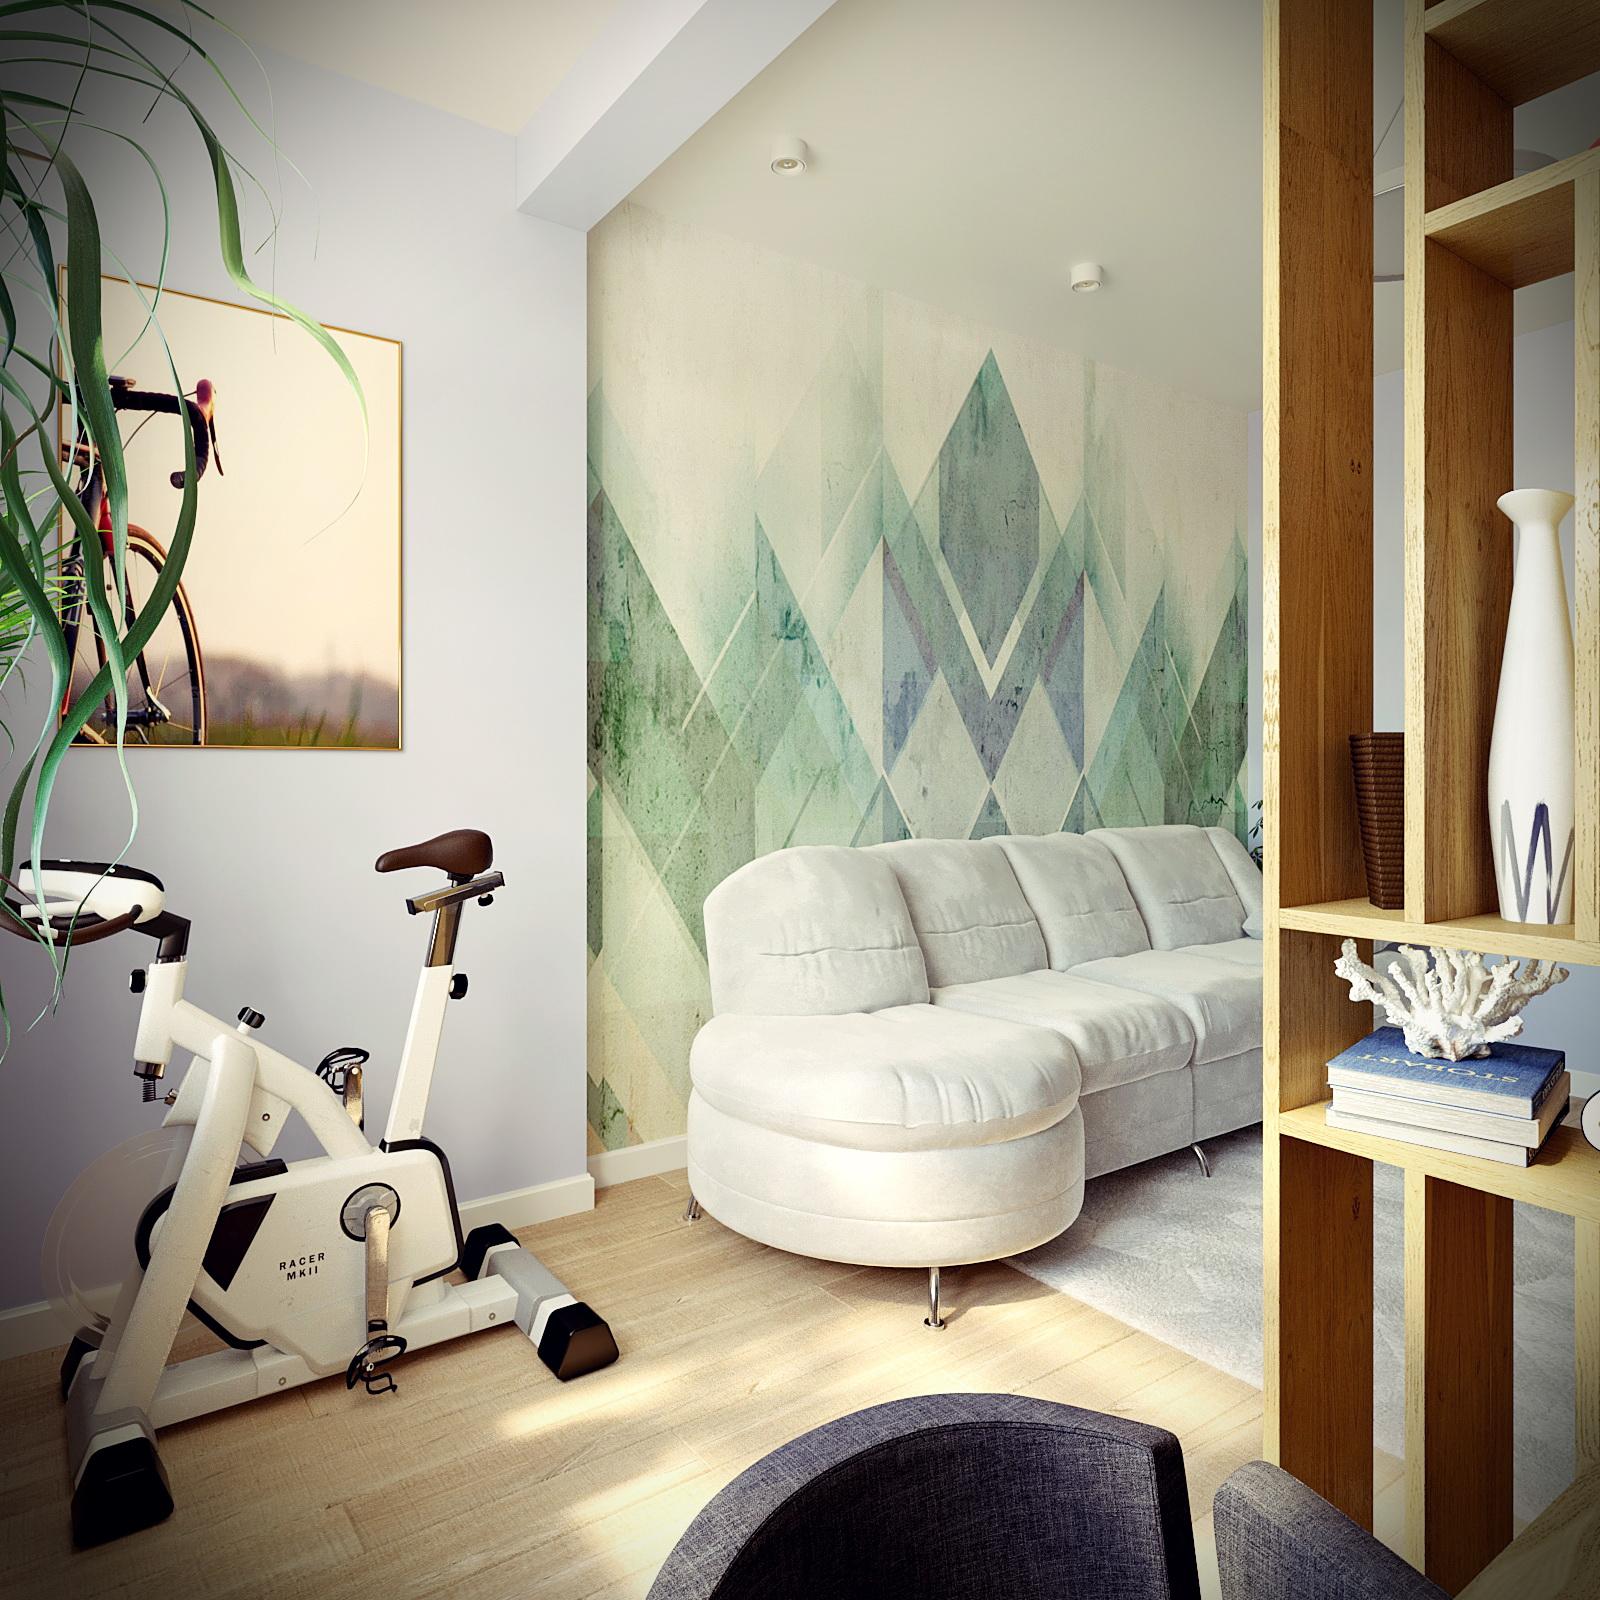 Visualisation 3D intérieure dans 3d max corona render image